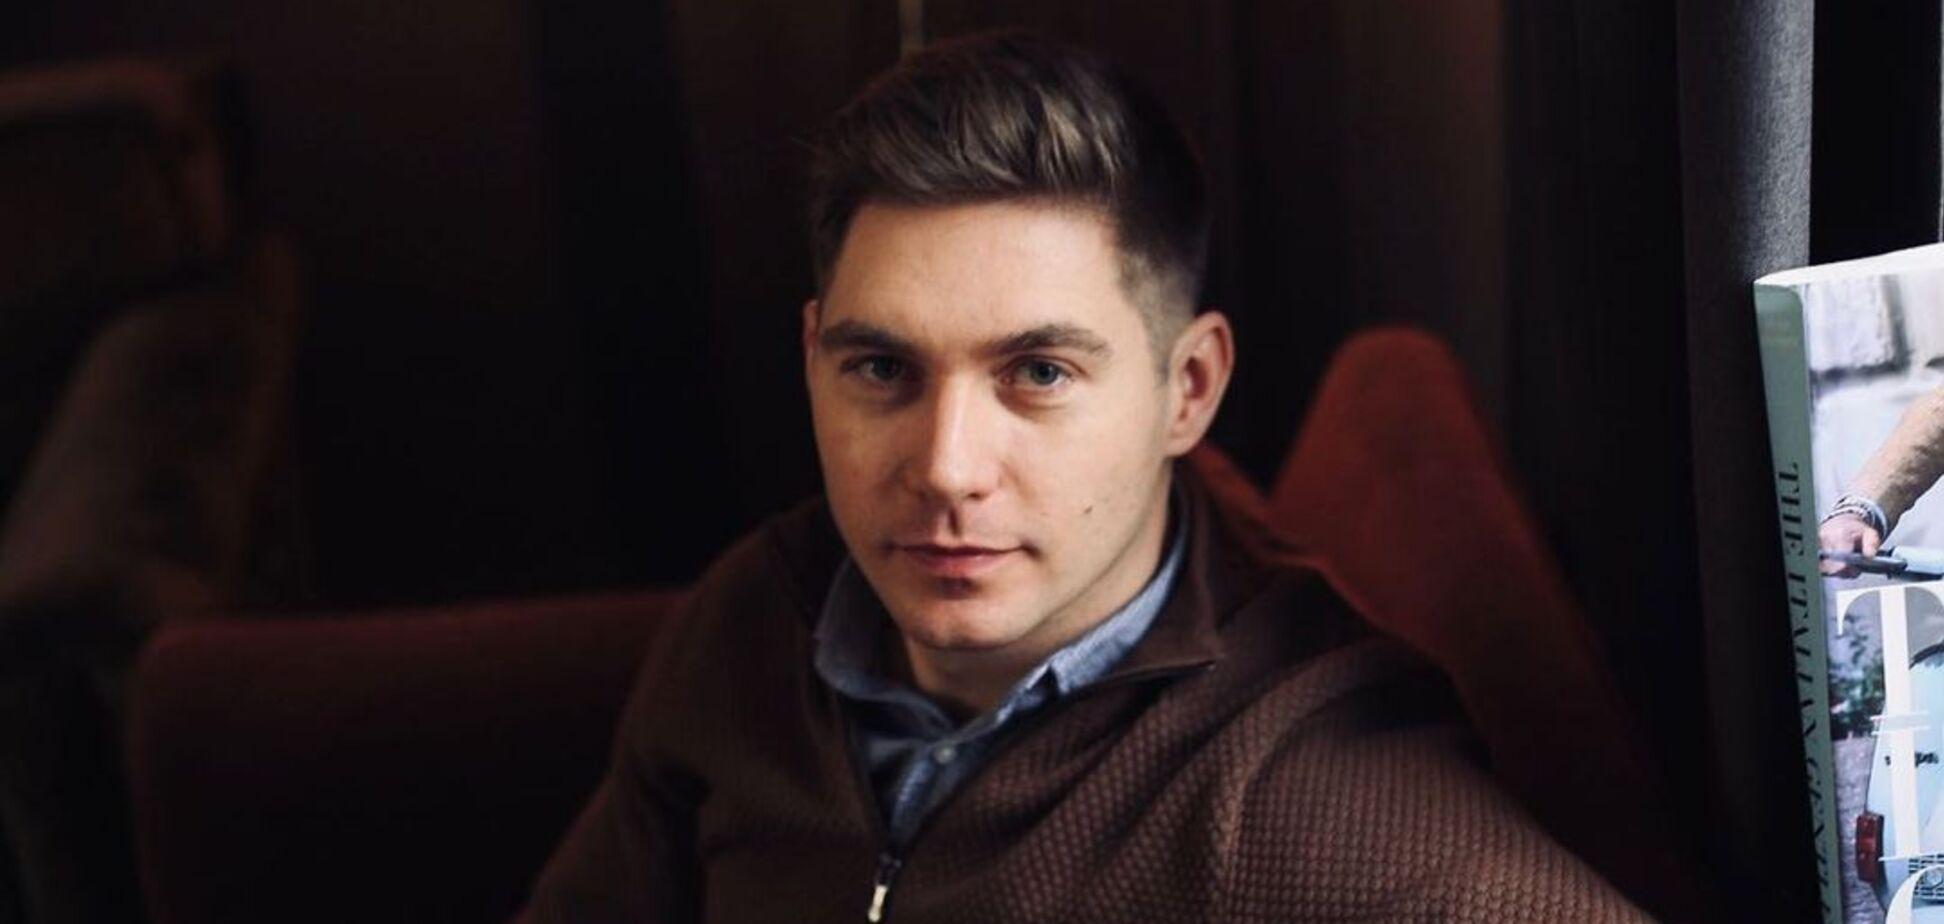 Остапчук повідомив про втрату близької людини